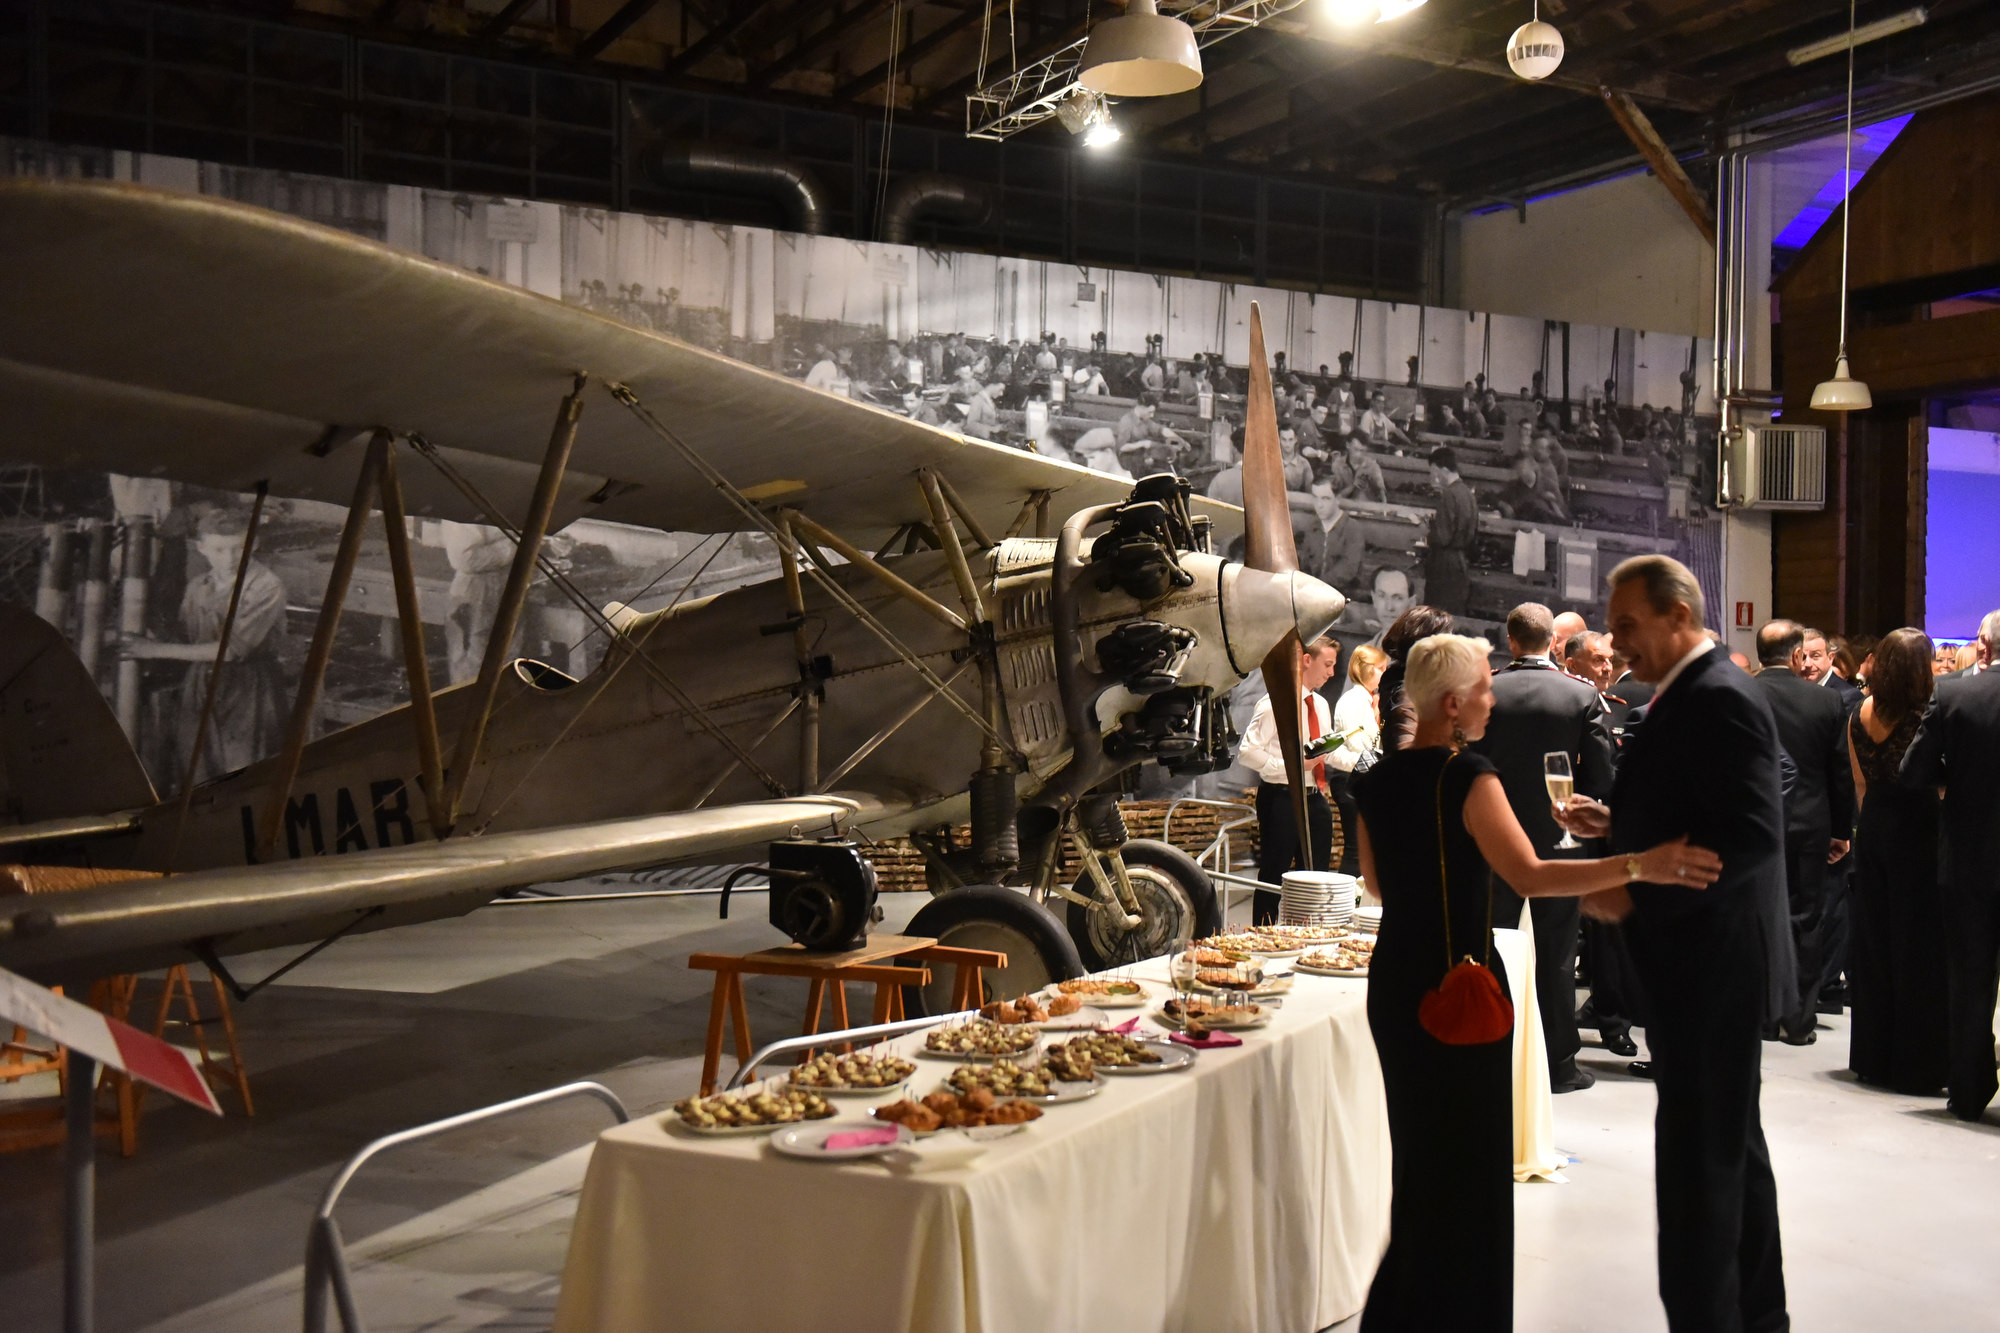 Video: La cena di gala a Volandia per i 70 anni di Malpensa